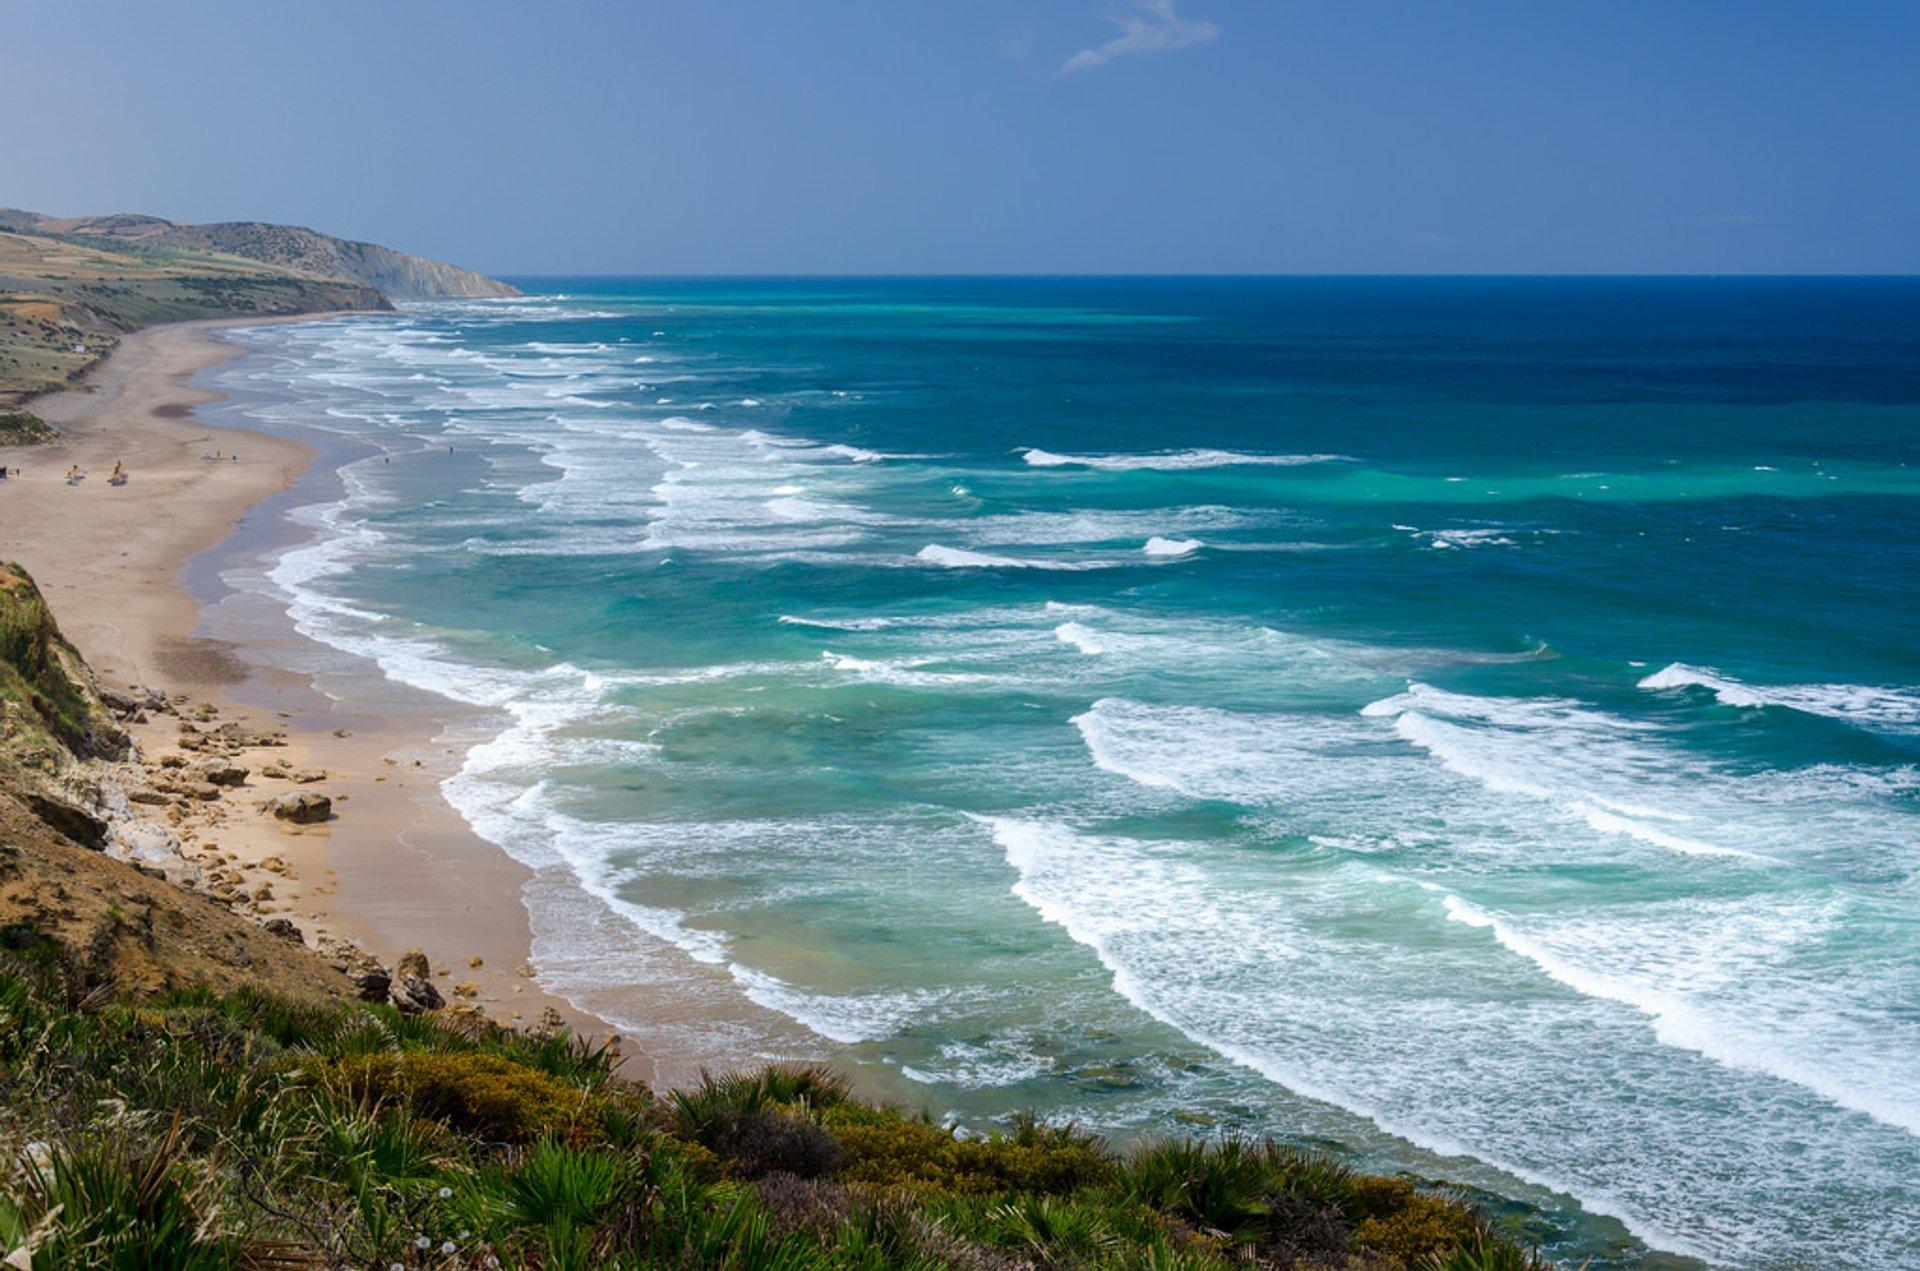 Plage de Paradis, Paradise Beach, Assilah 2020